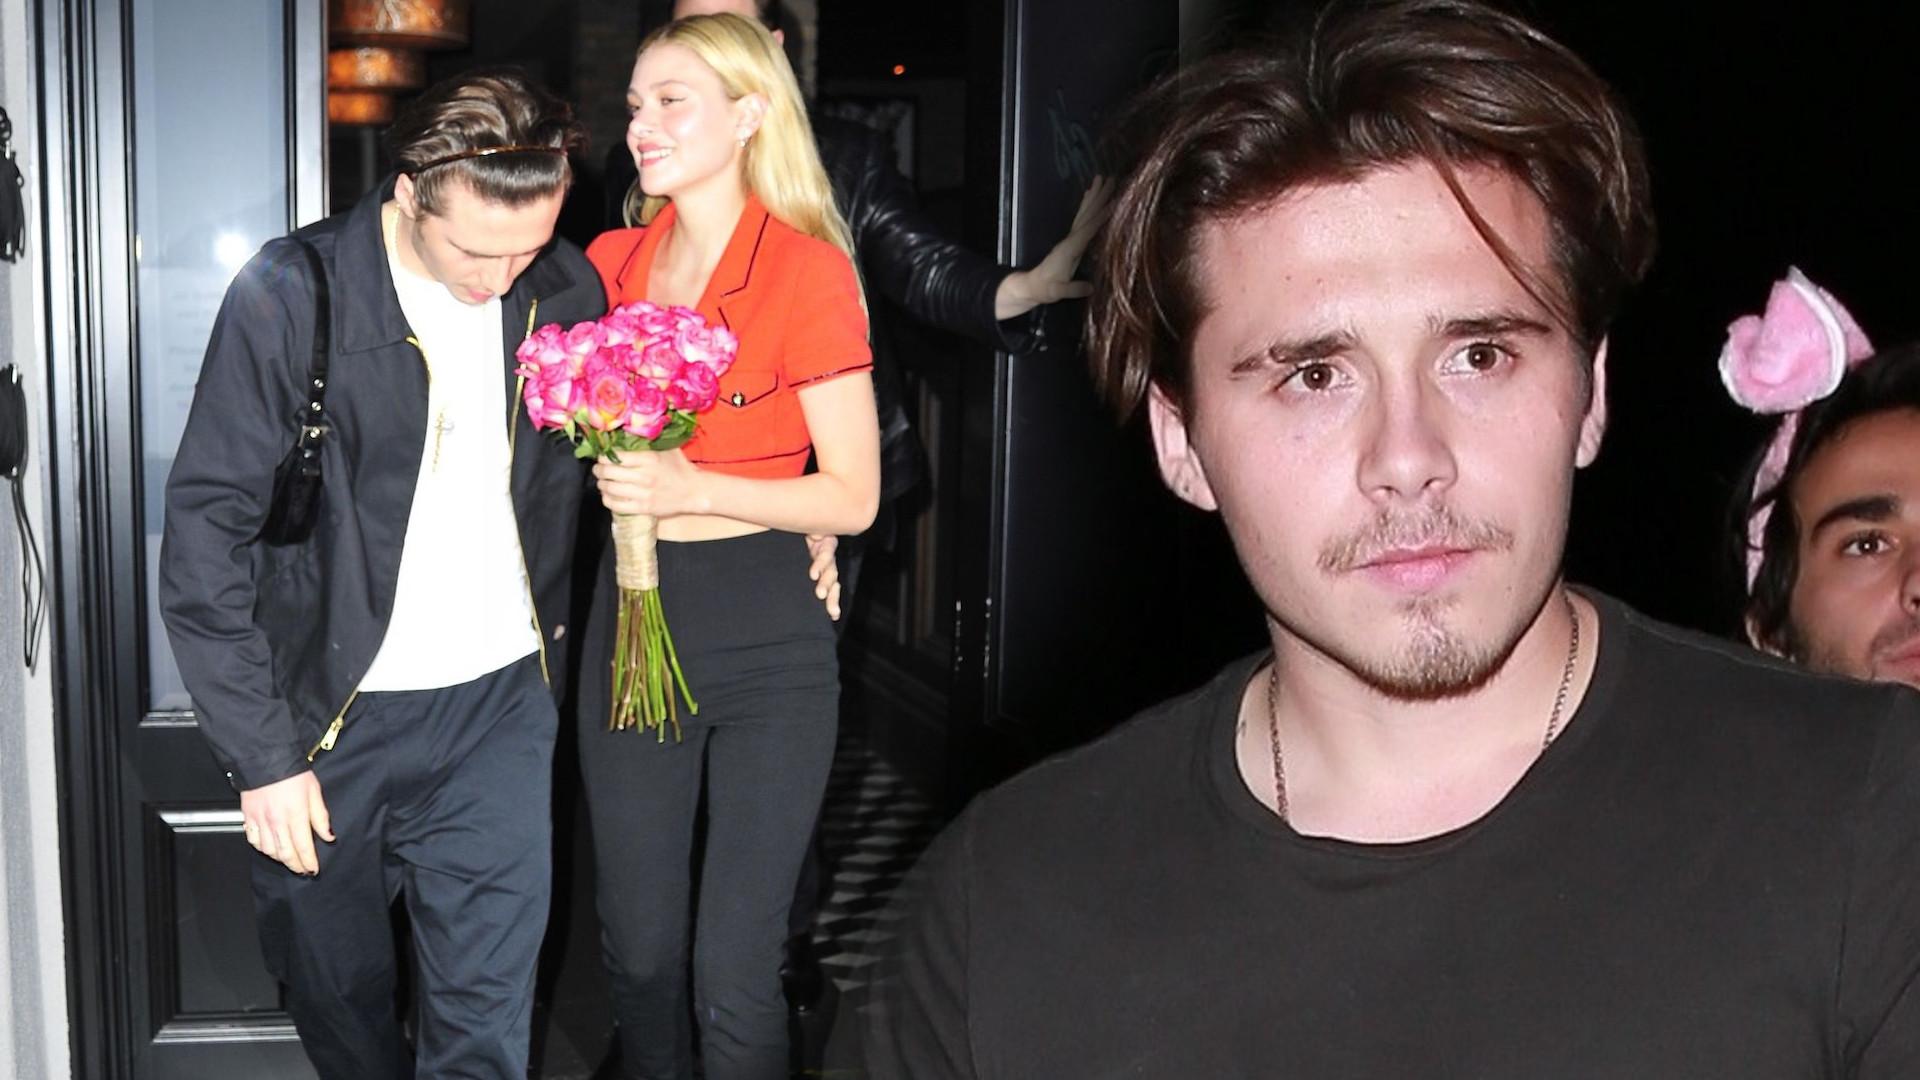 Brooklyn Beckham pokazał nową dziewczynę na Instagramie w… RĘCZNIKU! Przesadził?